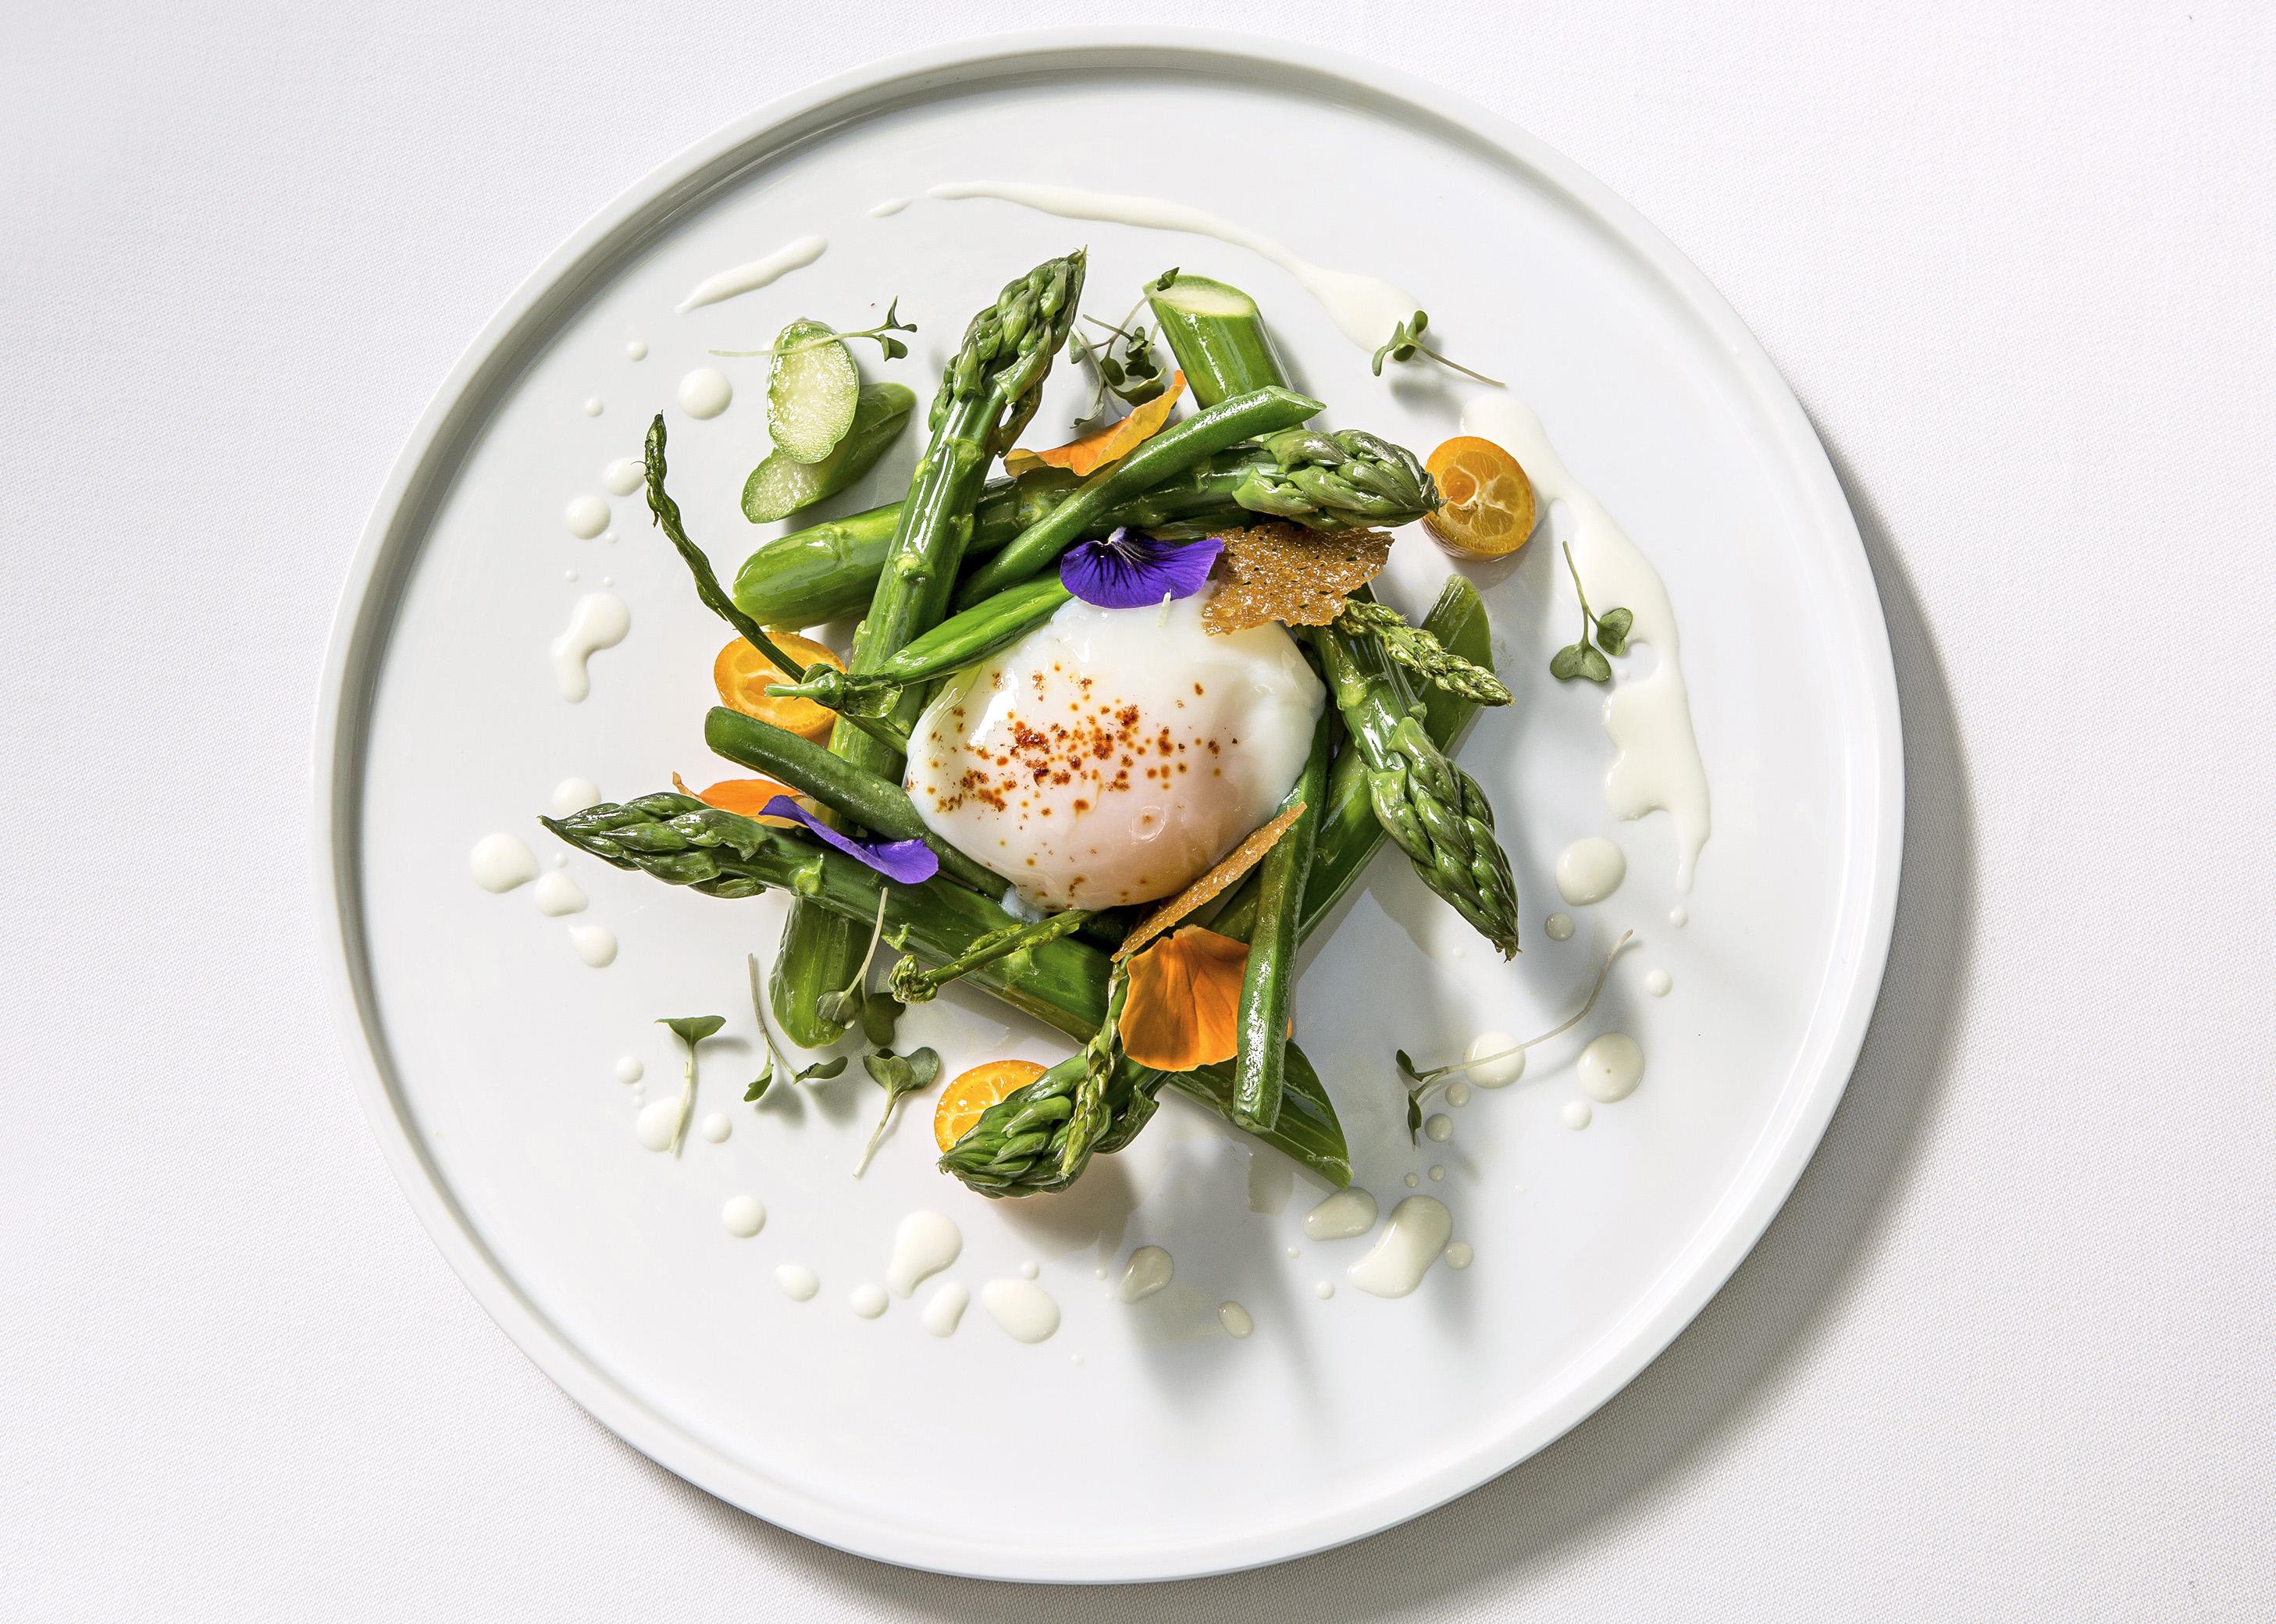 Asparagus de pays at La table D'uzes